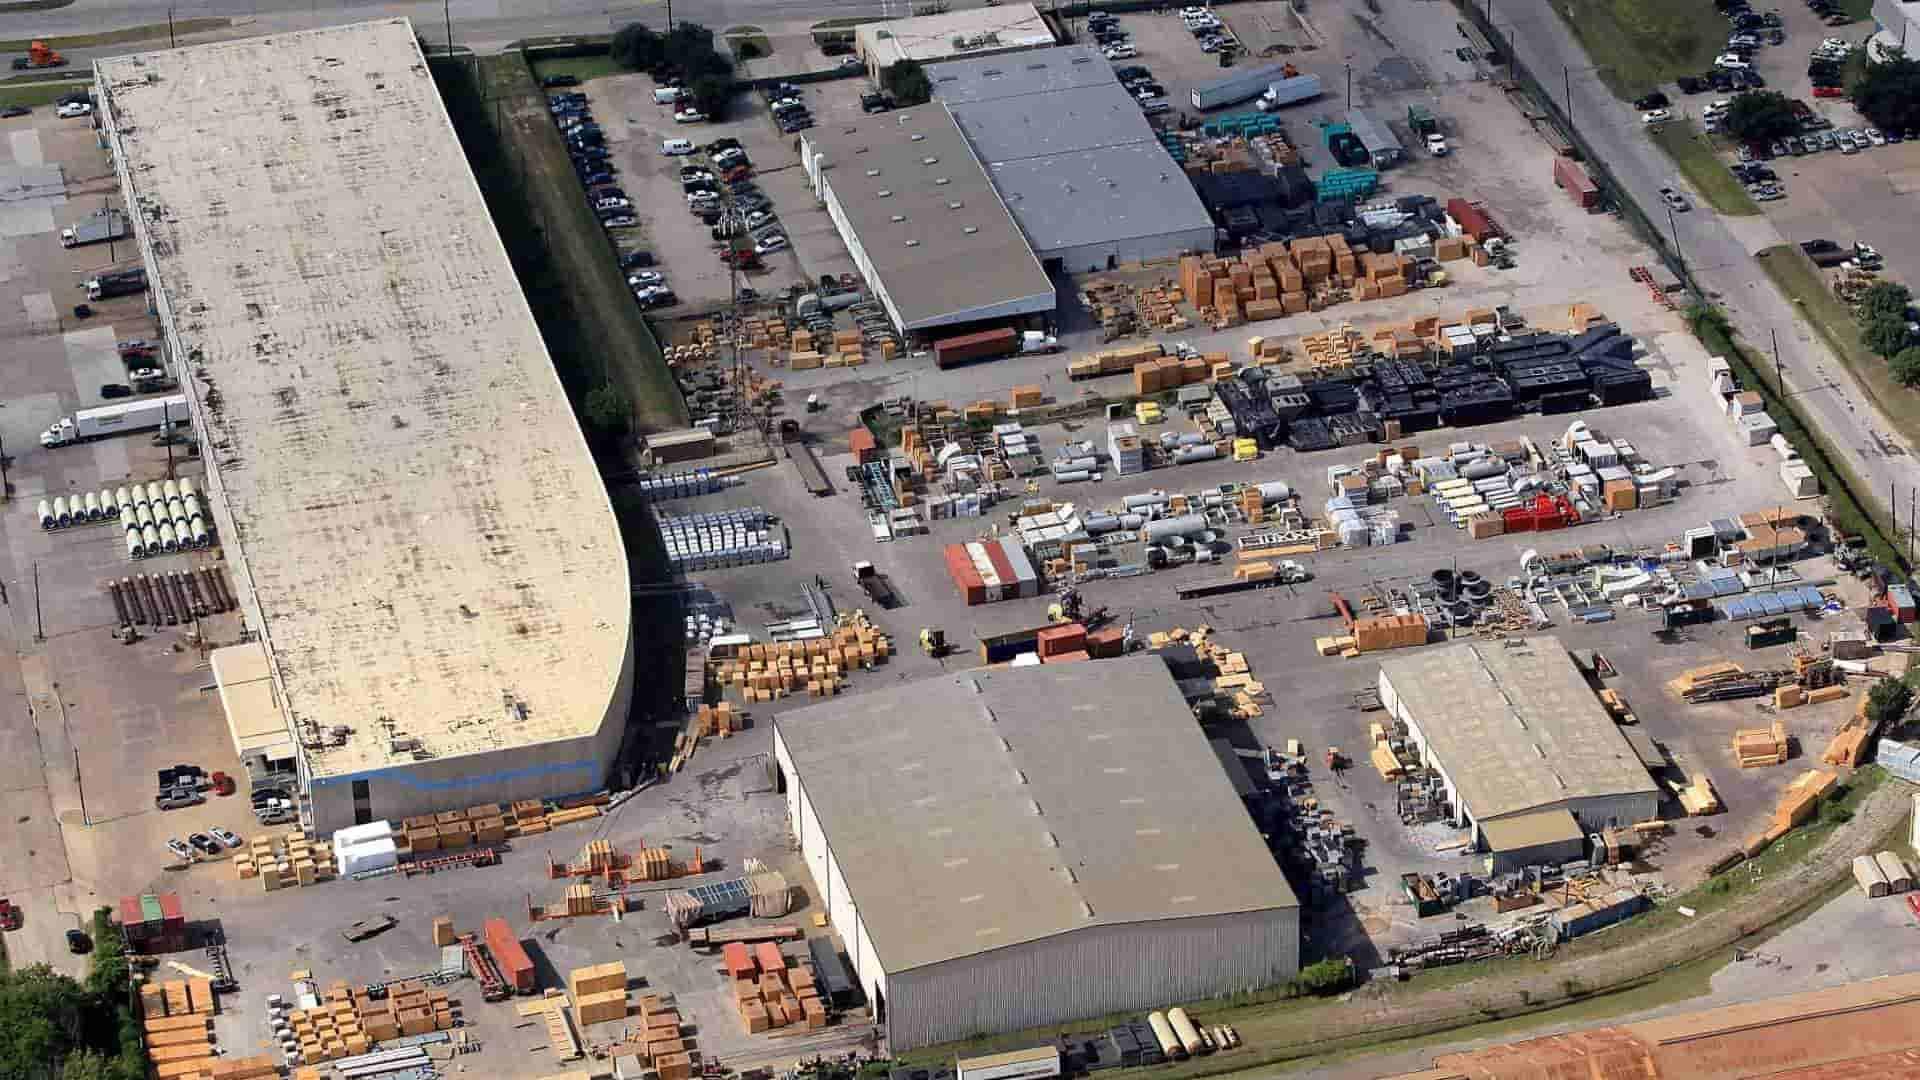 Houston Export Packing Warehousing and Laydown Yard